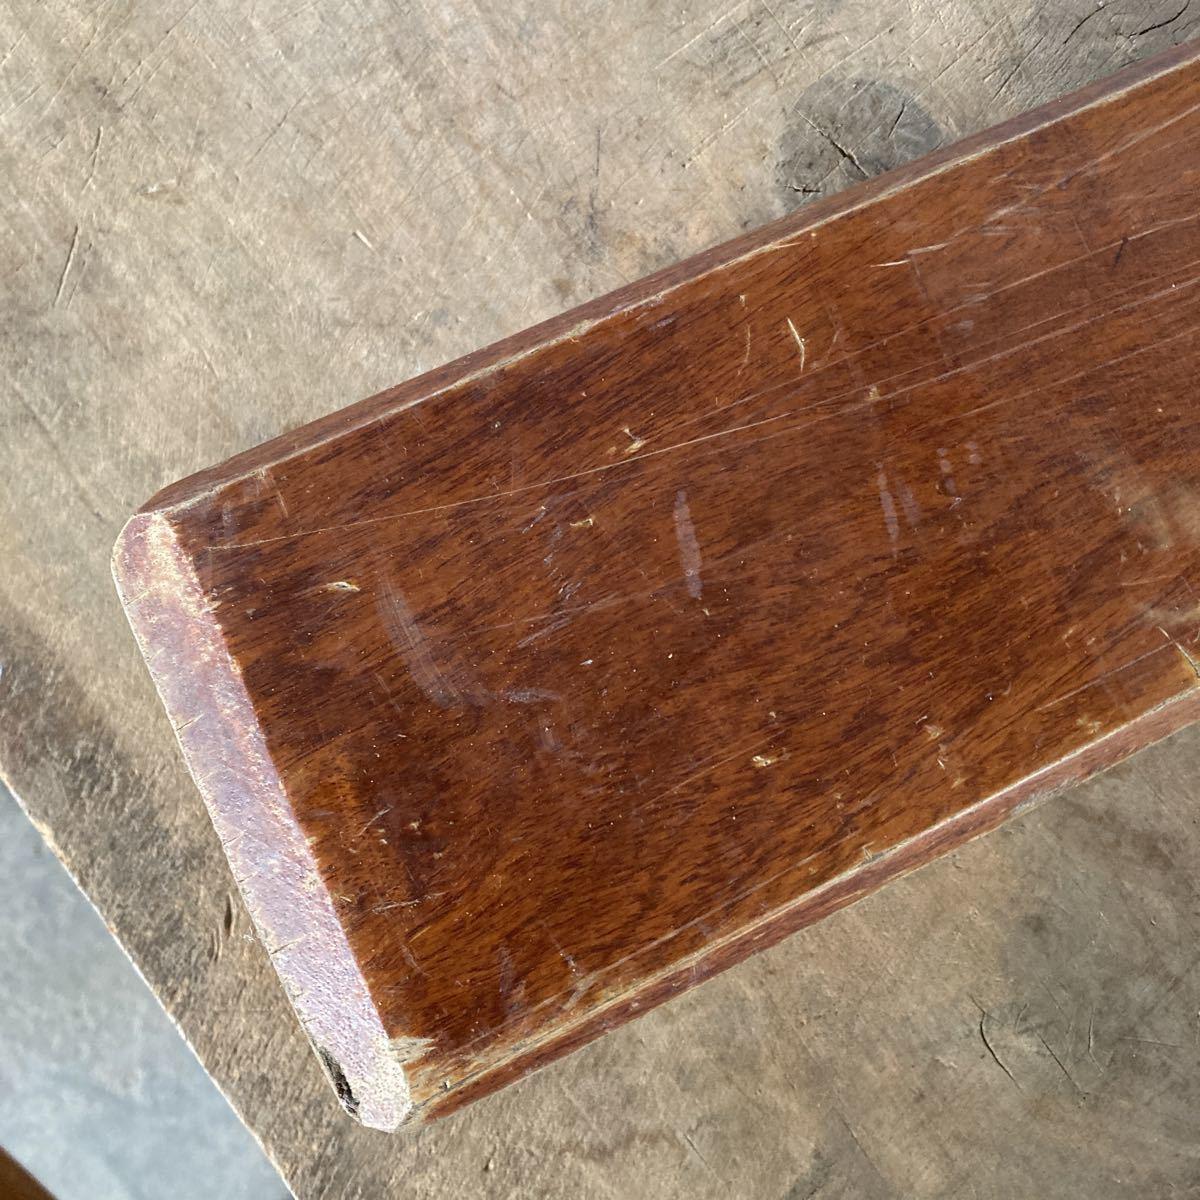 古い 重量木 素材 ナイフメイキング 木 堅い木 6.46kg 長さ50cm _画像4